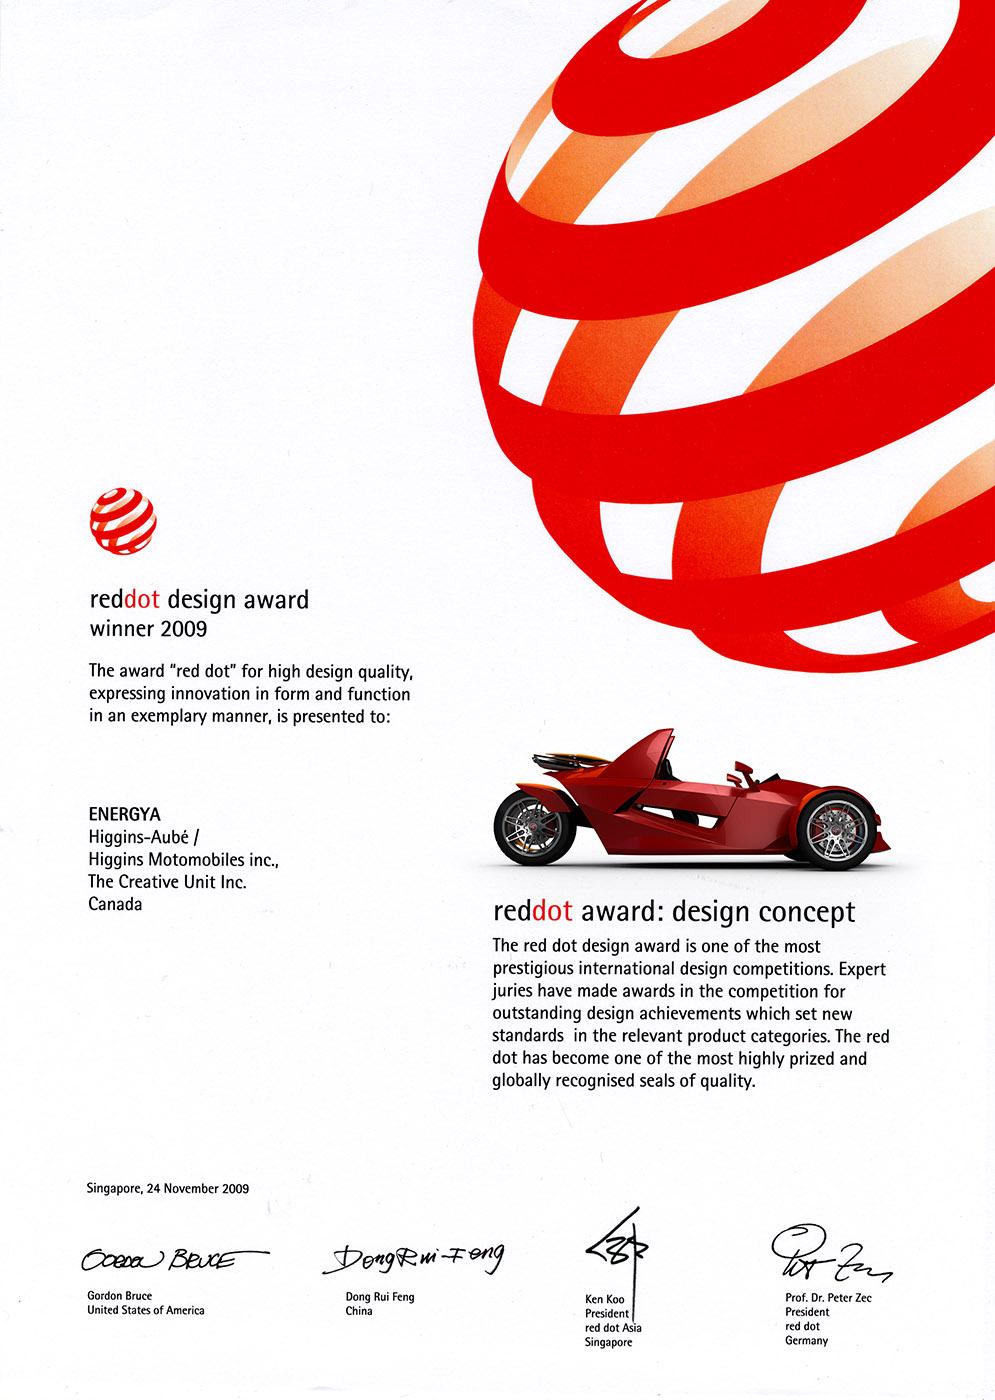 RedDot Design Award Winner 2009